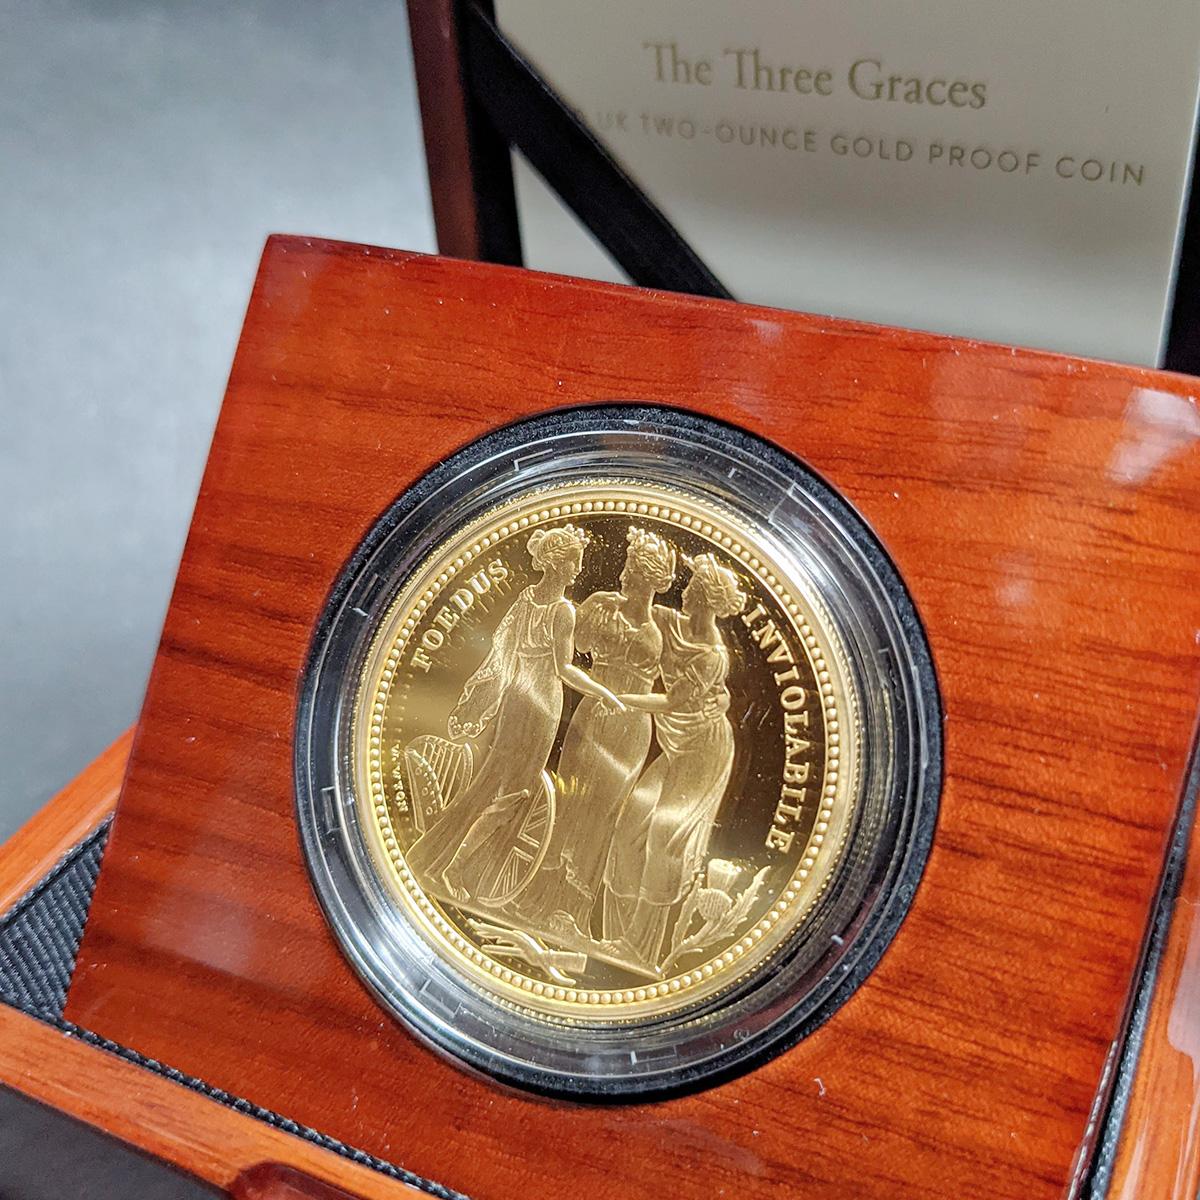 イギリス2020年スリーグレイセス2オンス金貨 証明書、箱つき画像